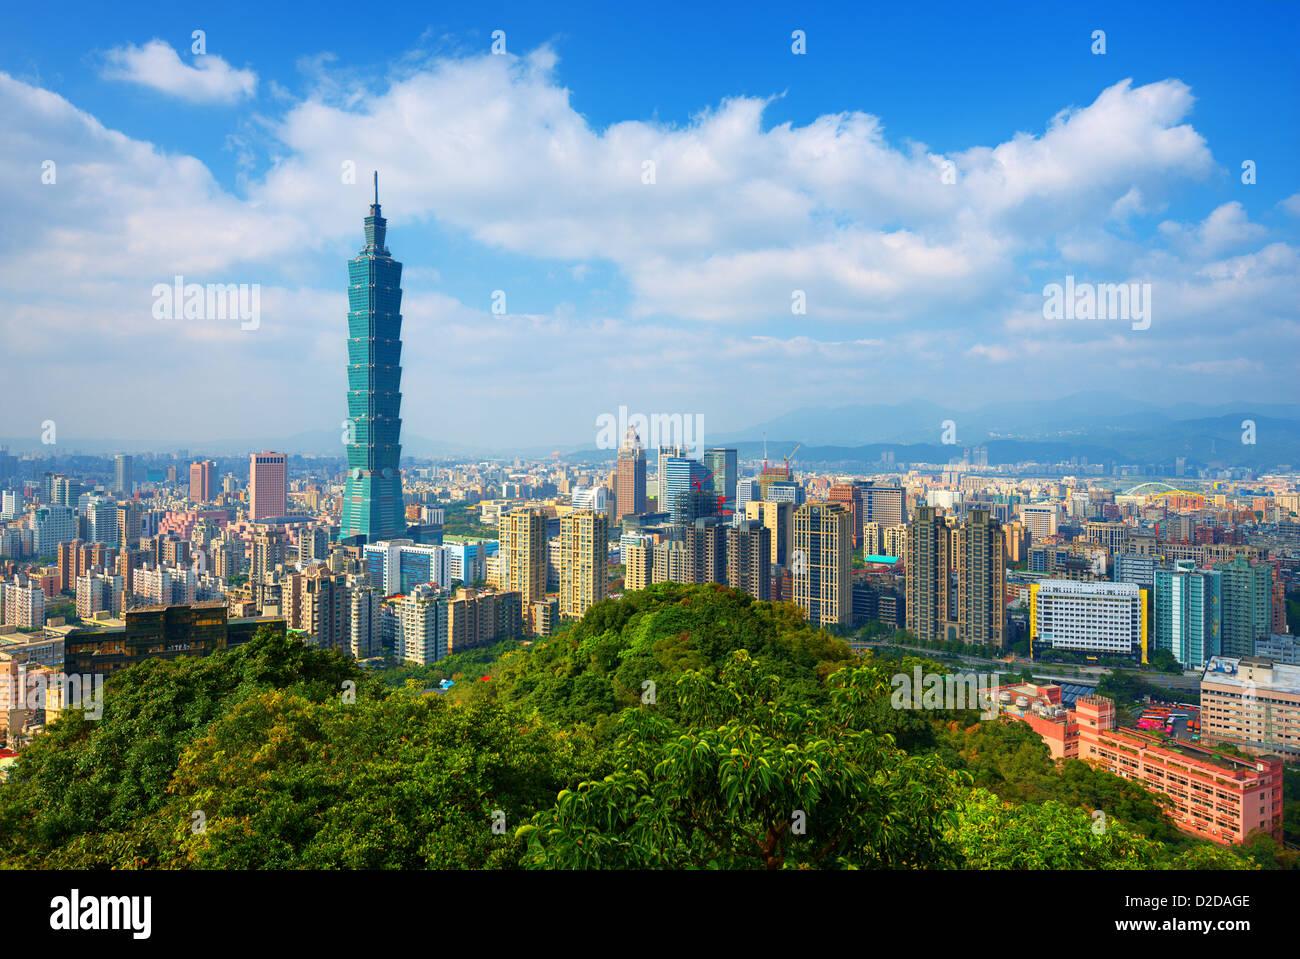 Taipei, Taiwán skyline vistos durante el día de los elefantes de montaña. Imagen De Stock